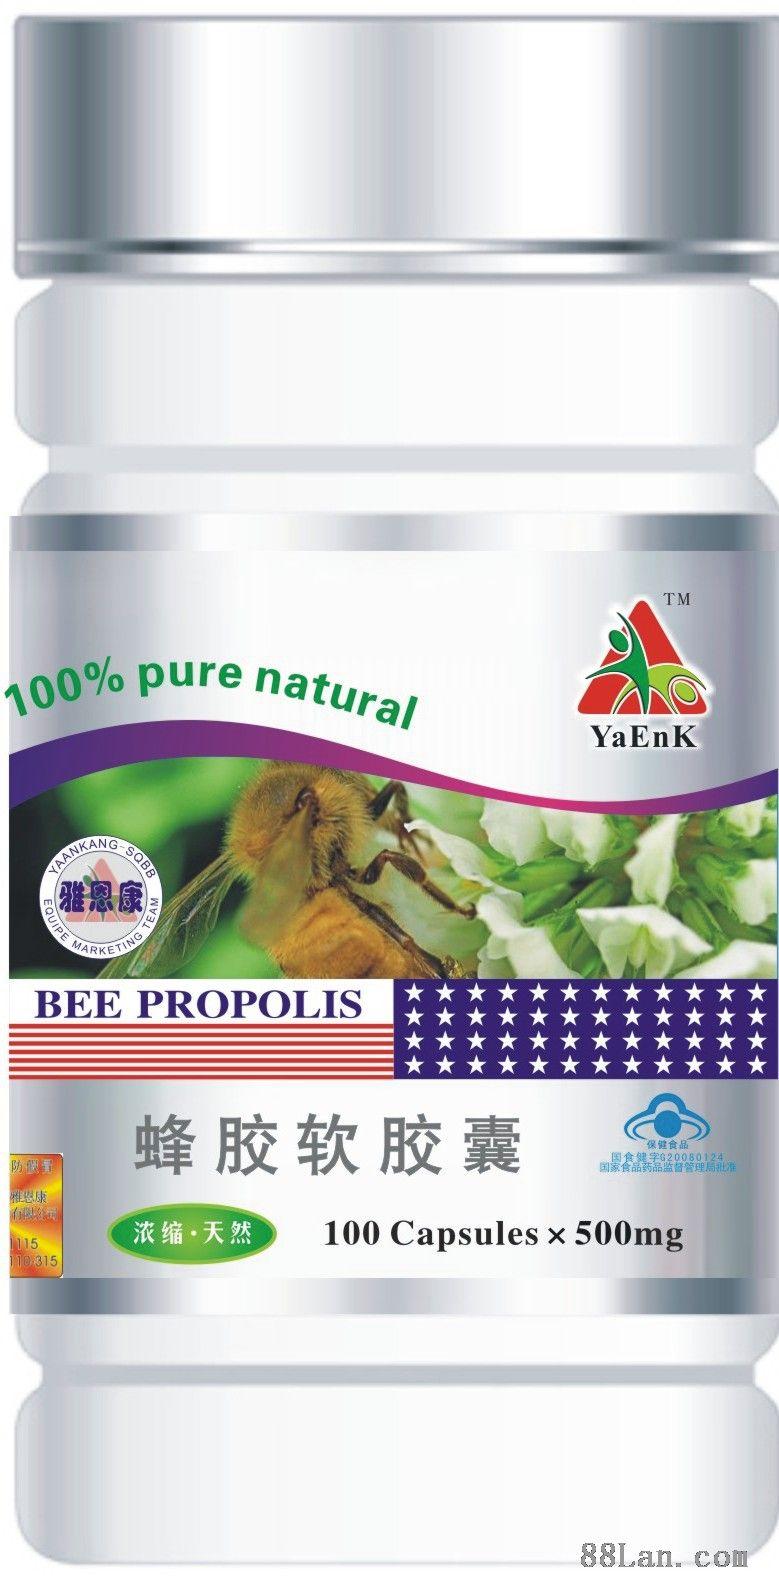 深海鱼油'钙'卵磷脂'蜂胶'维E'之雅恩康产品一系列